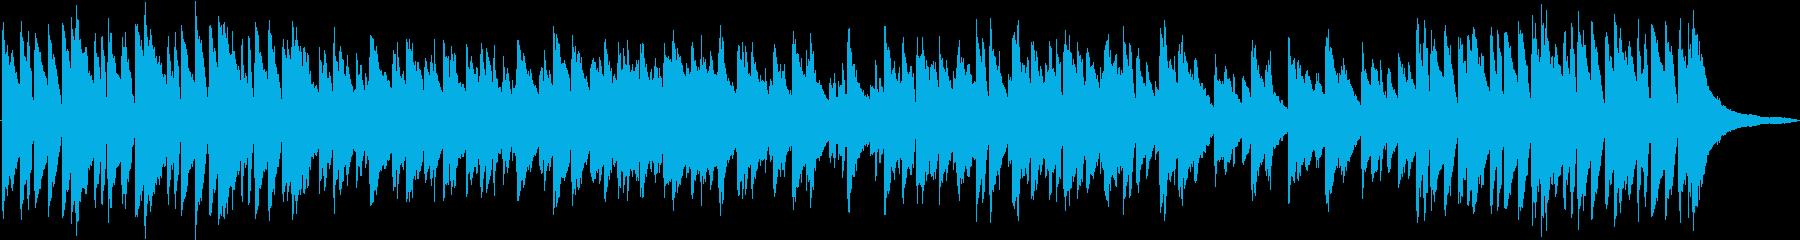 勇ましく歩き出すイメージのピアノ音源の再生済みの波形